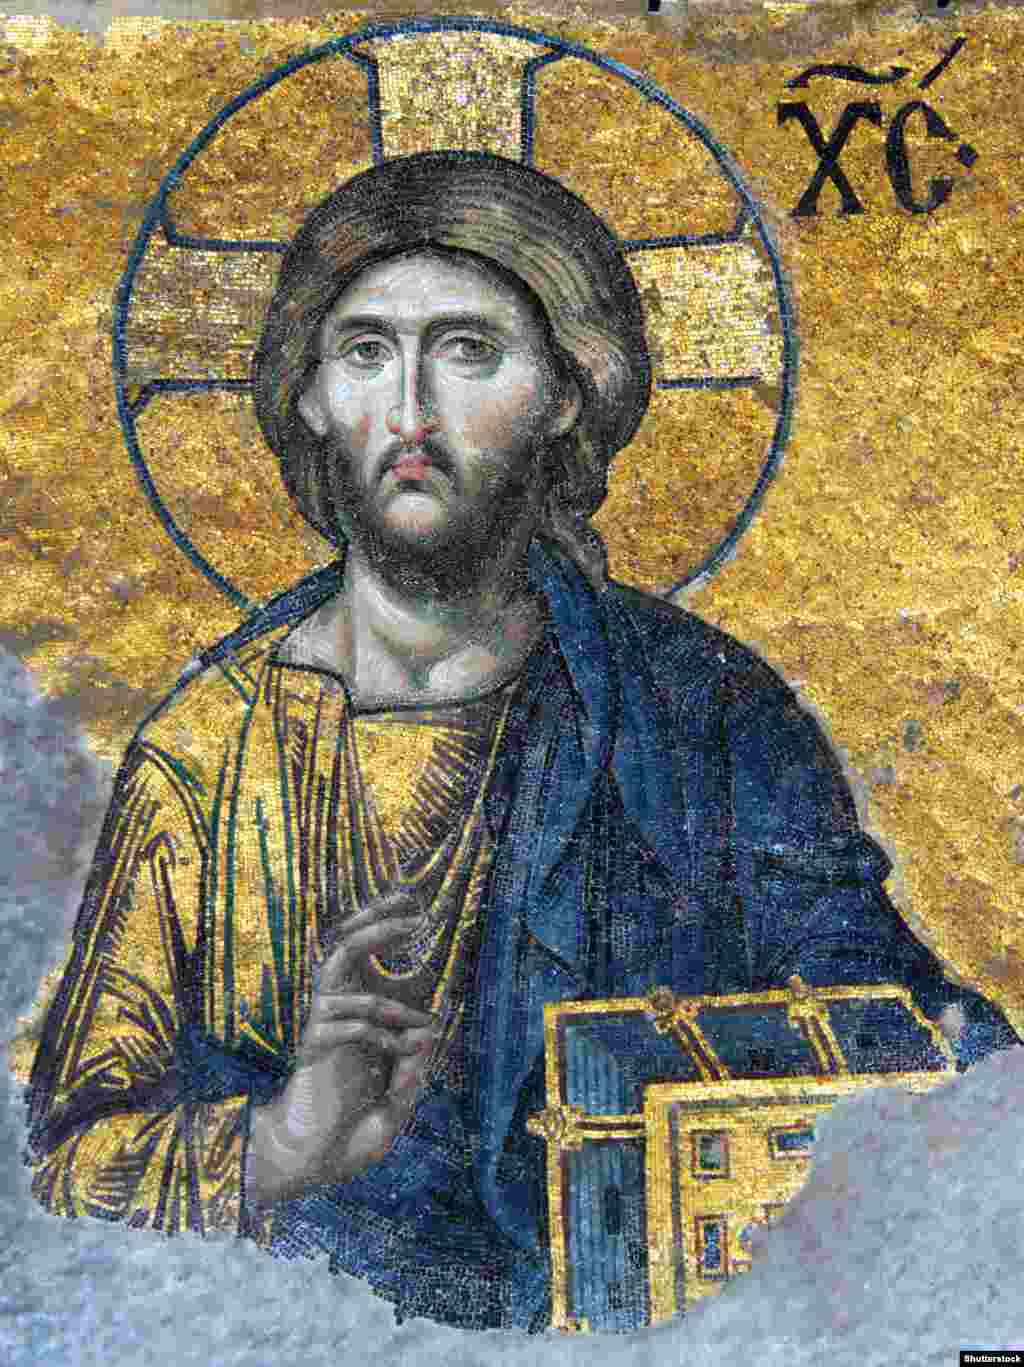 Це фрагмент мозаїки Ісуса, яку науковці датують 1261 роком. У 1934 році у соборі віднайшли кілька старовинних християнських мозаїк, що раніше вважалися втраченими